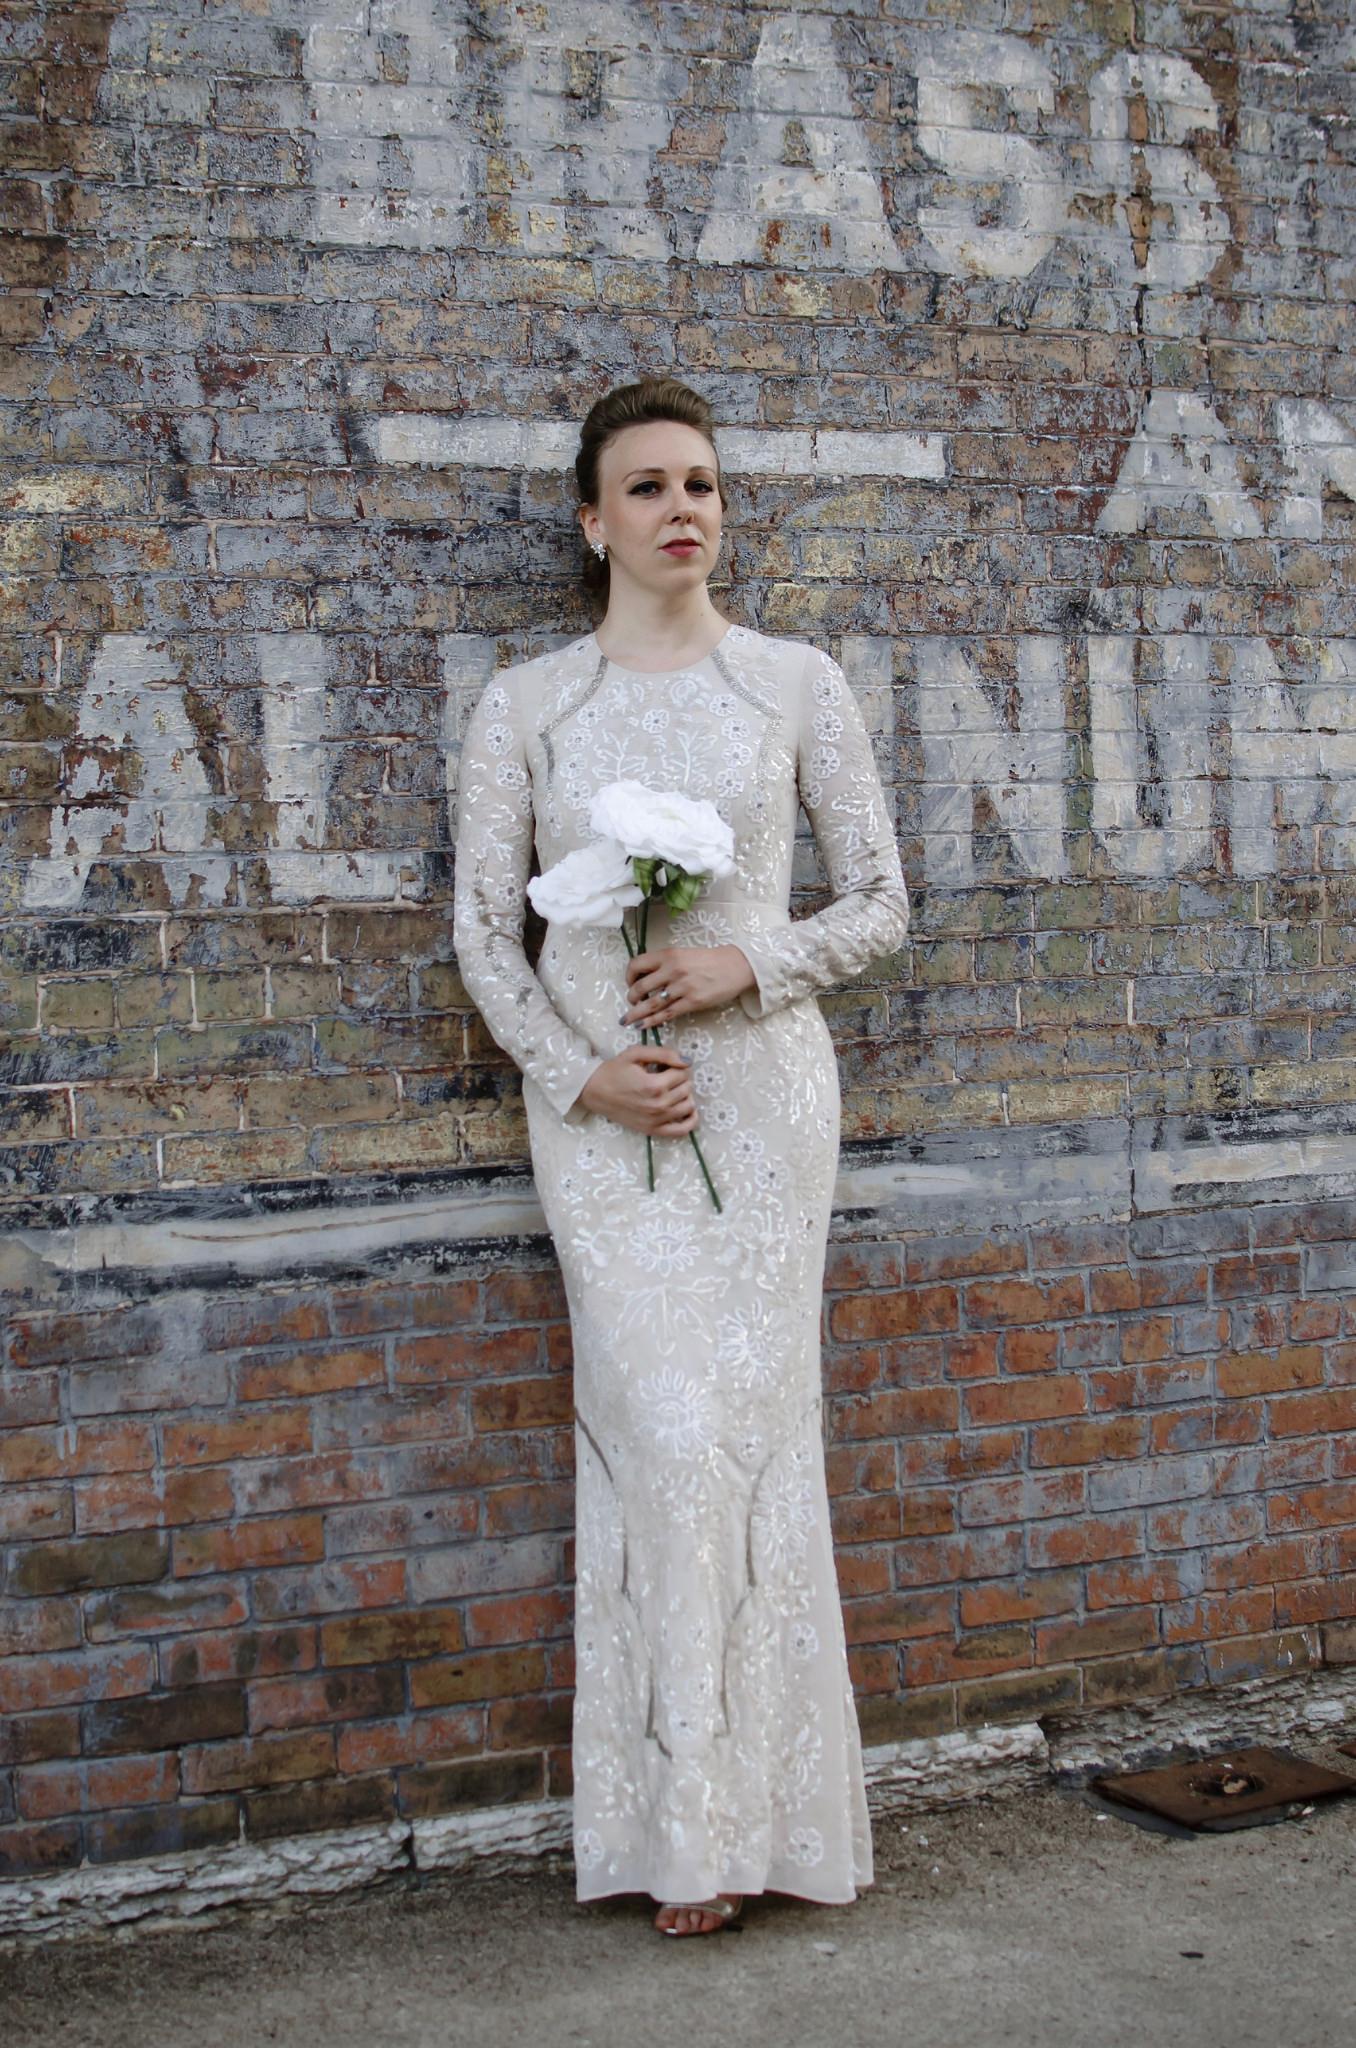 kristine_wedding_brides_spiritedtable_photo10.jpg